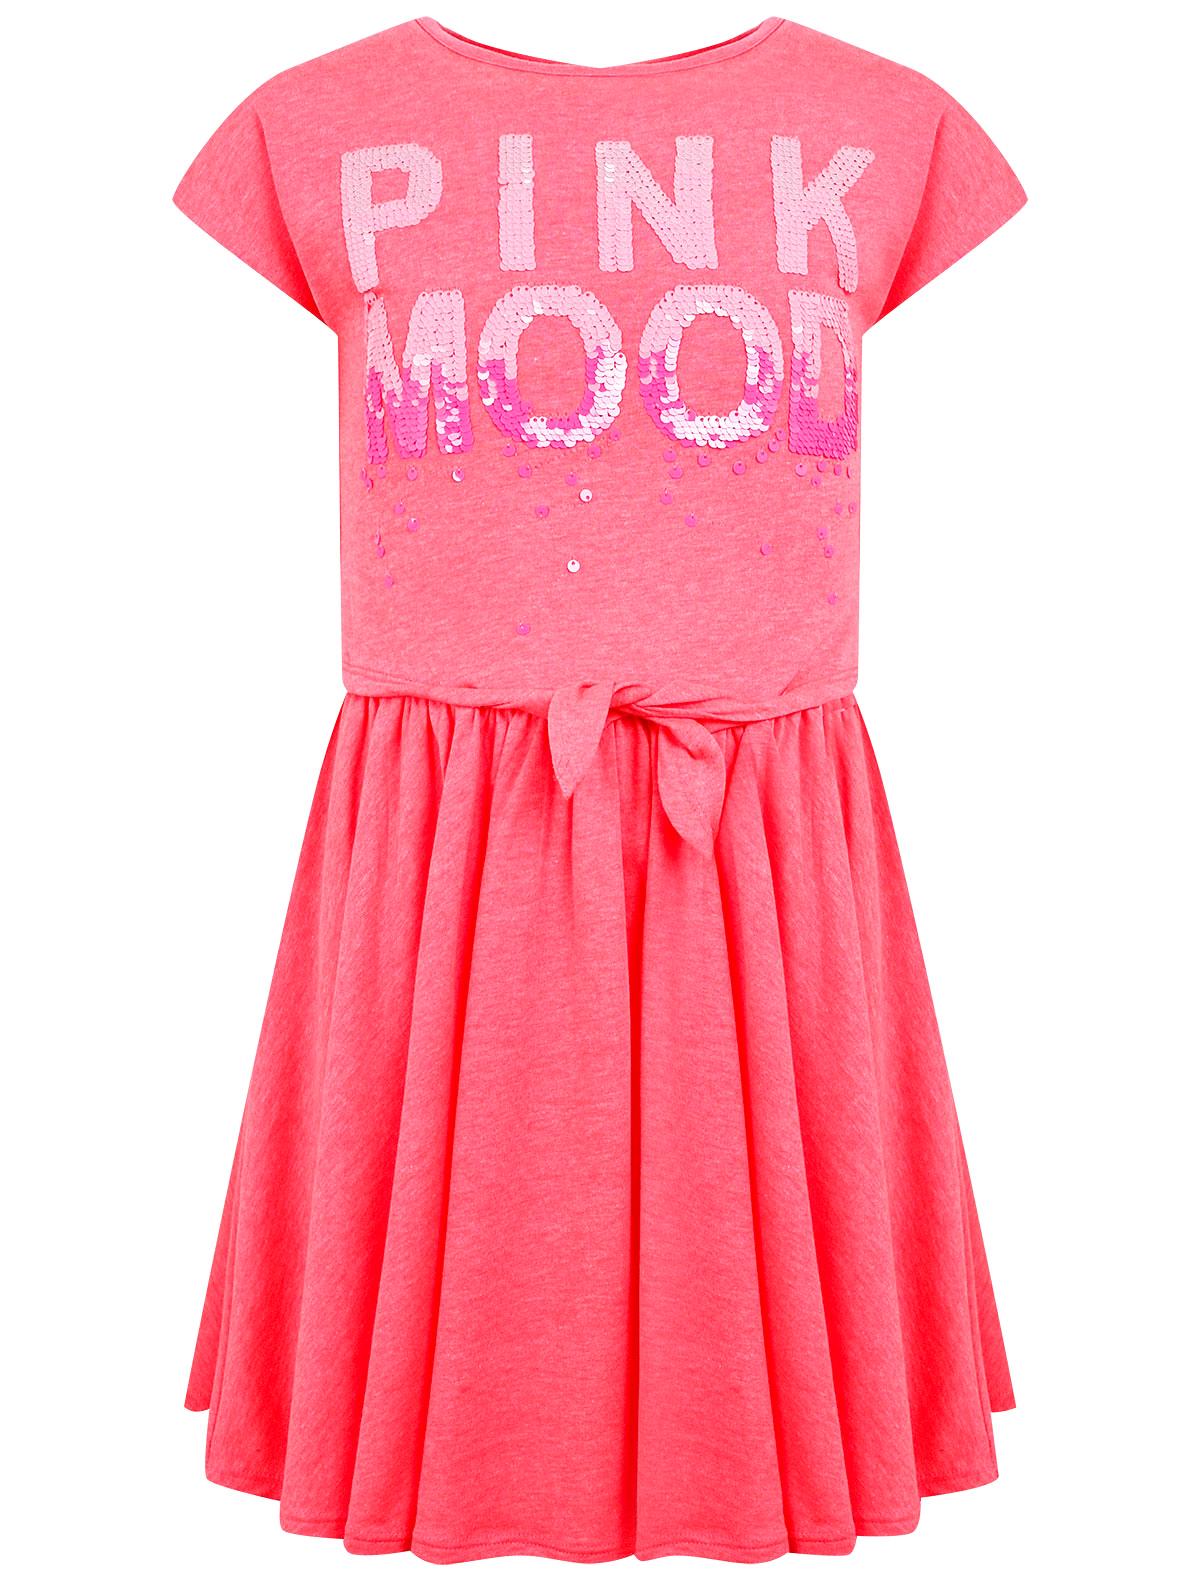 Купить 2311185, Платье Billieblush, розовый, Женский, 1054609178201